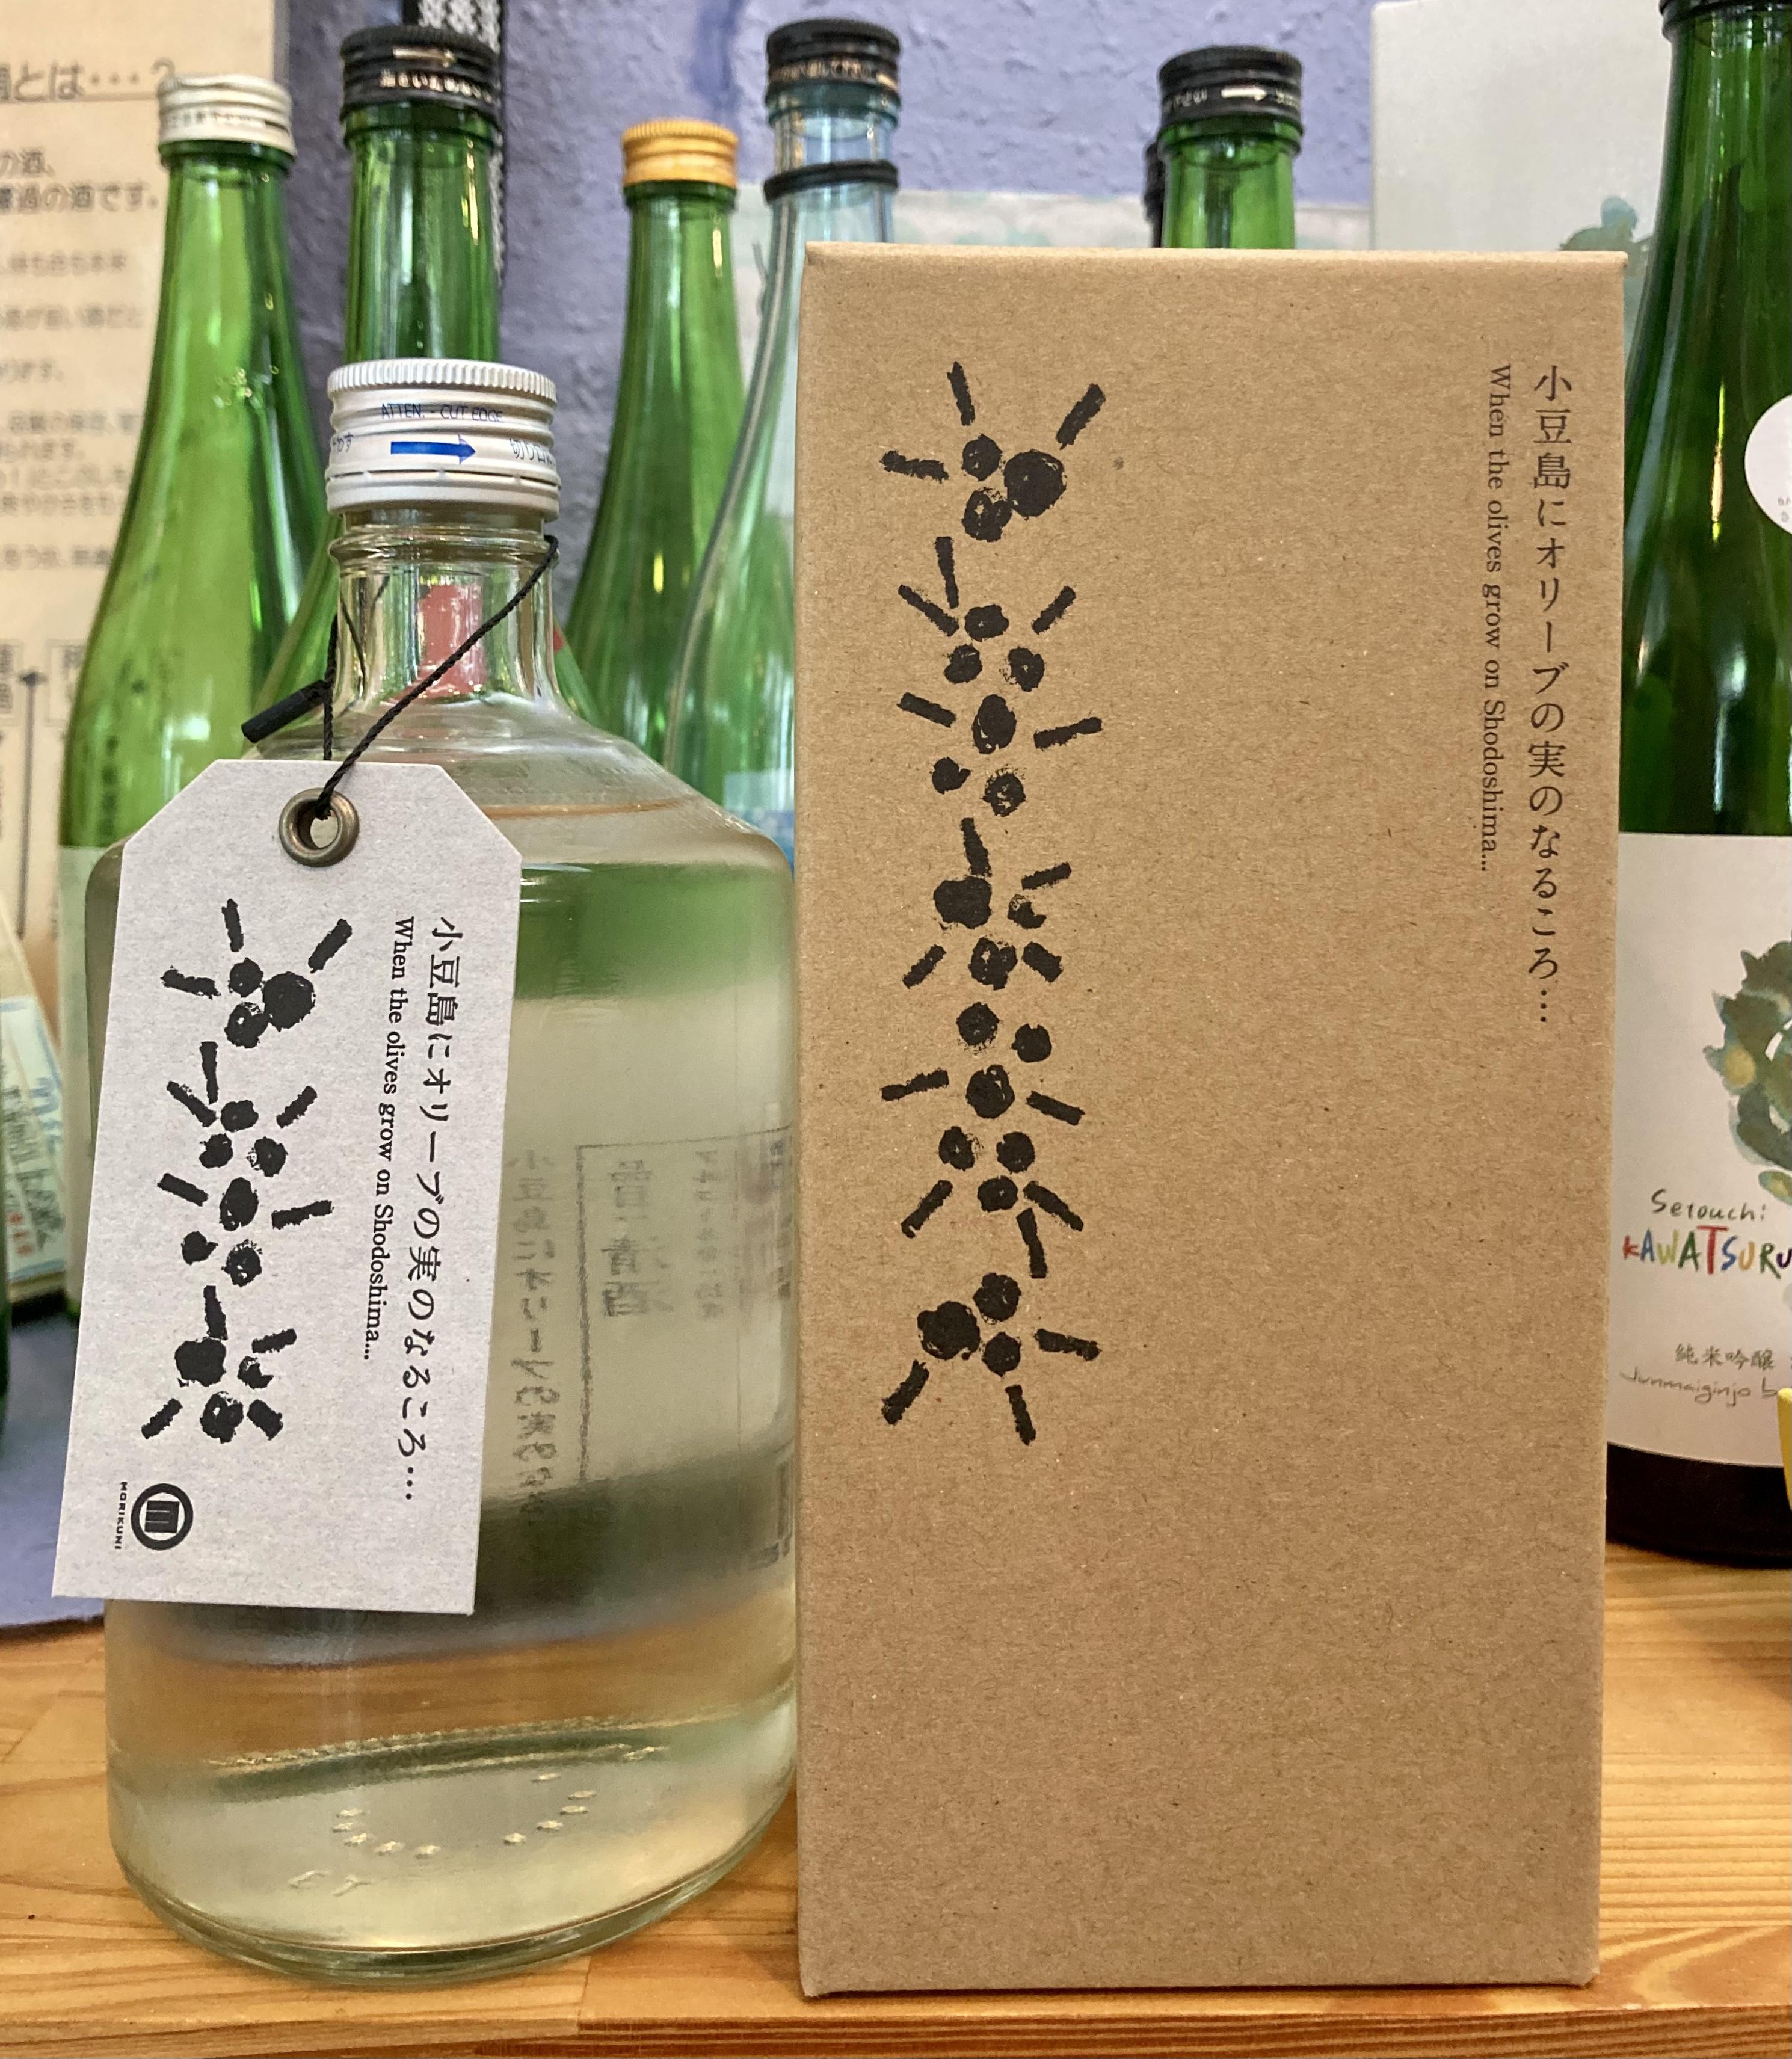 「さぬきオリーブ酵母」を使用した、オール小豆島の日本酒☆ 『小豆島にオリーブの実のなるころ・・・』